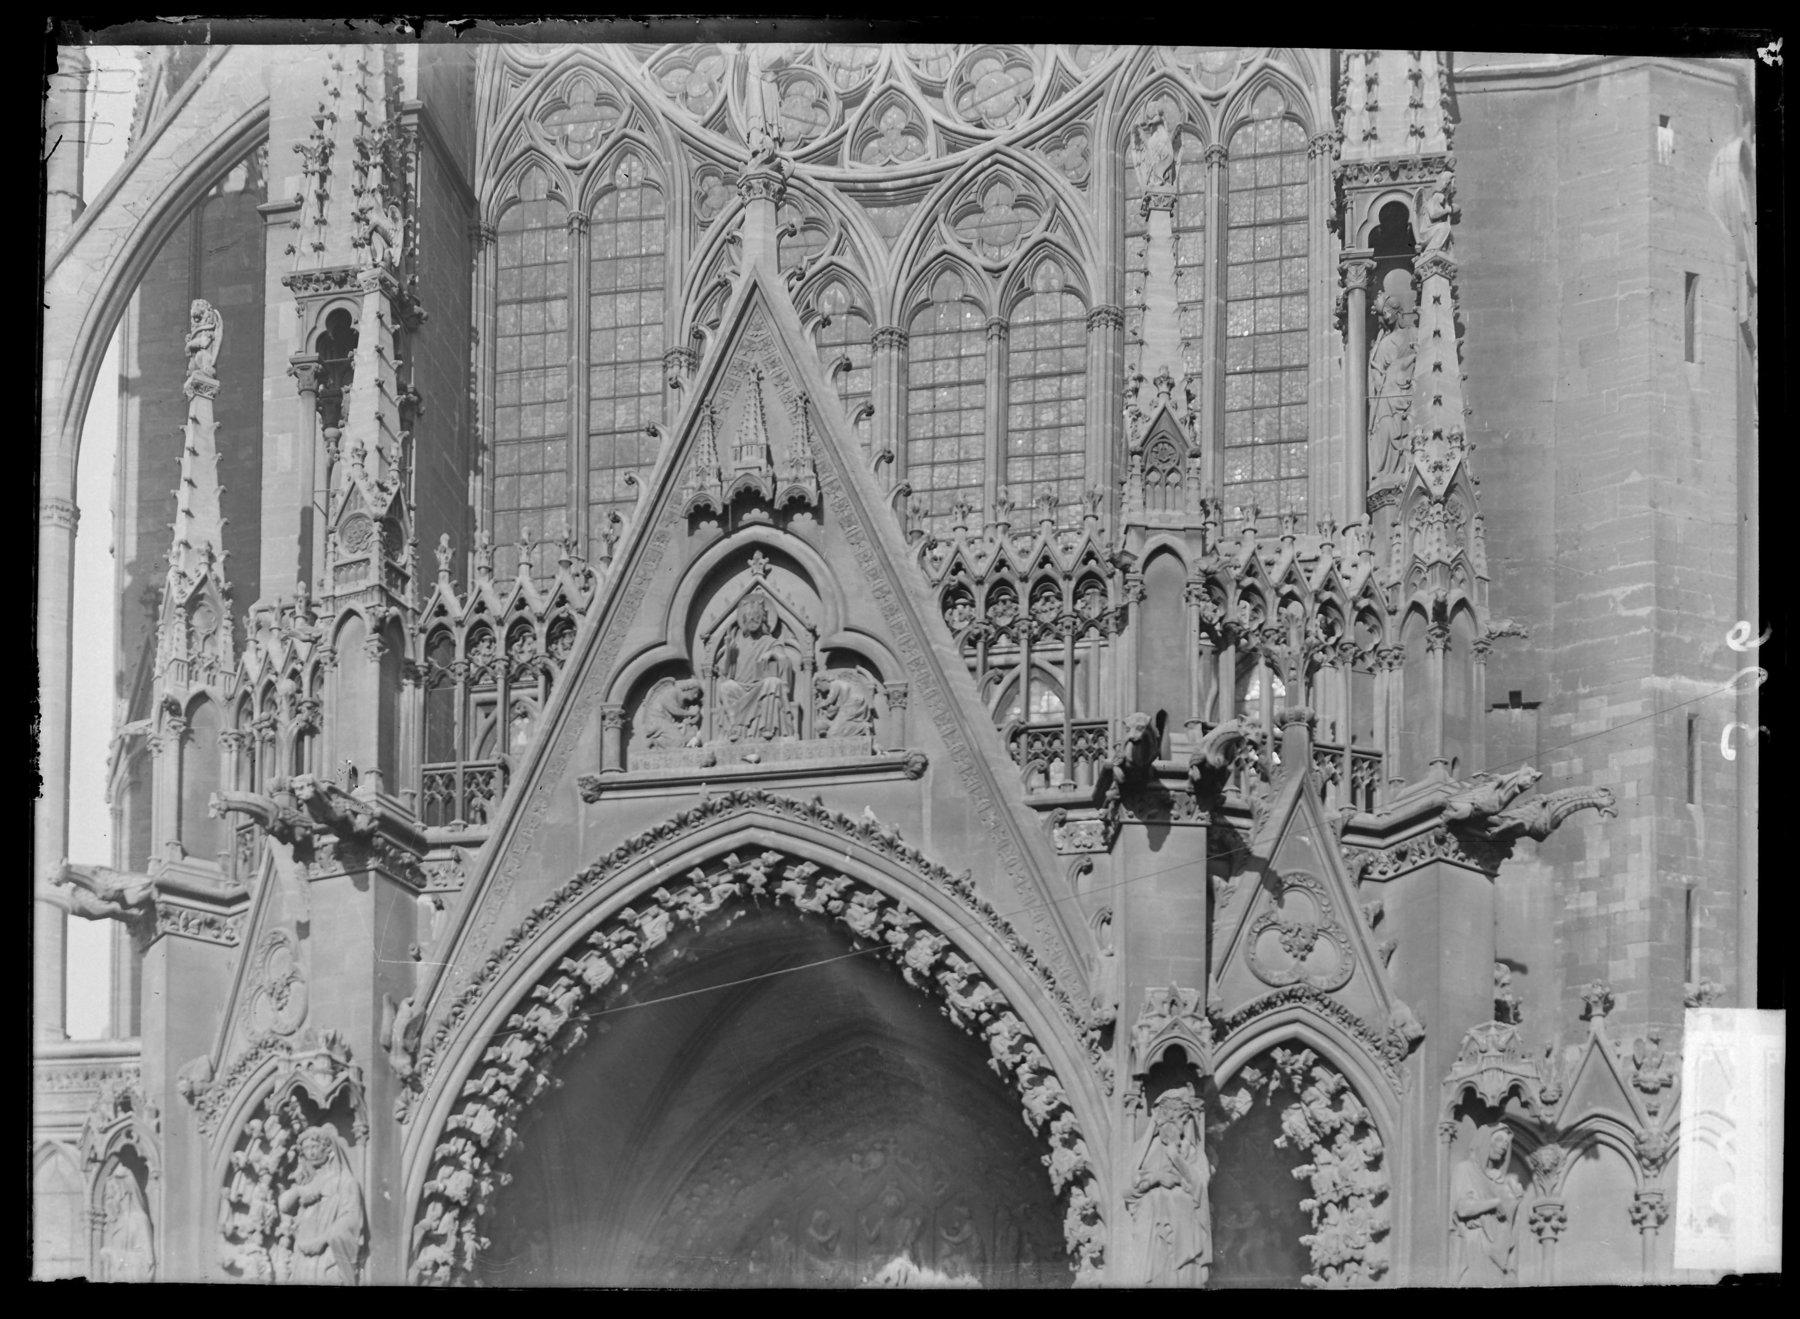 Contenu du Le porche du portail ouest avec son gable sculpté représentant le Christ juge